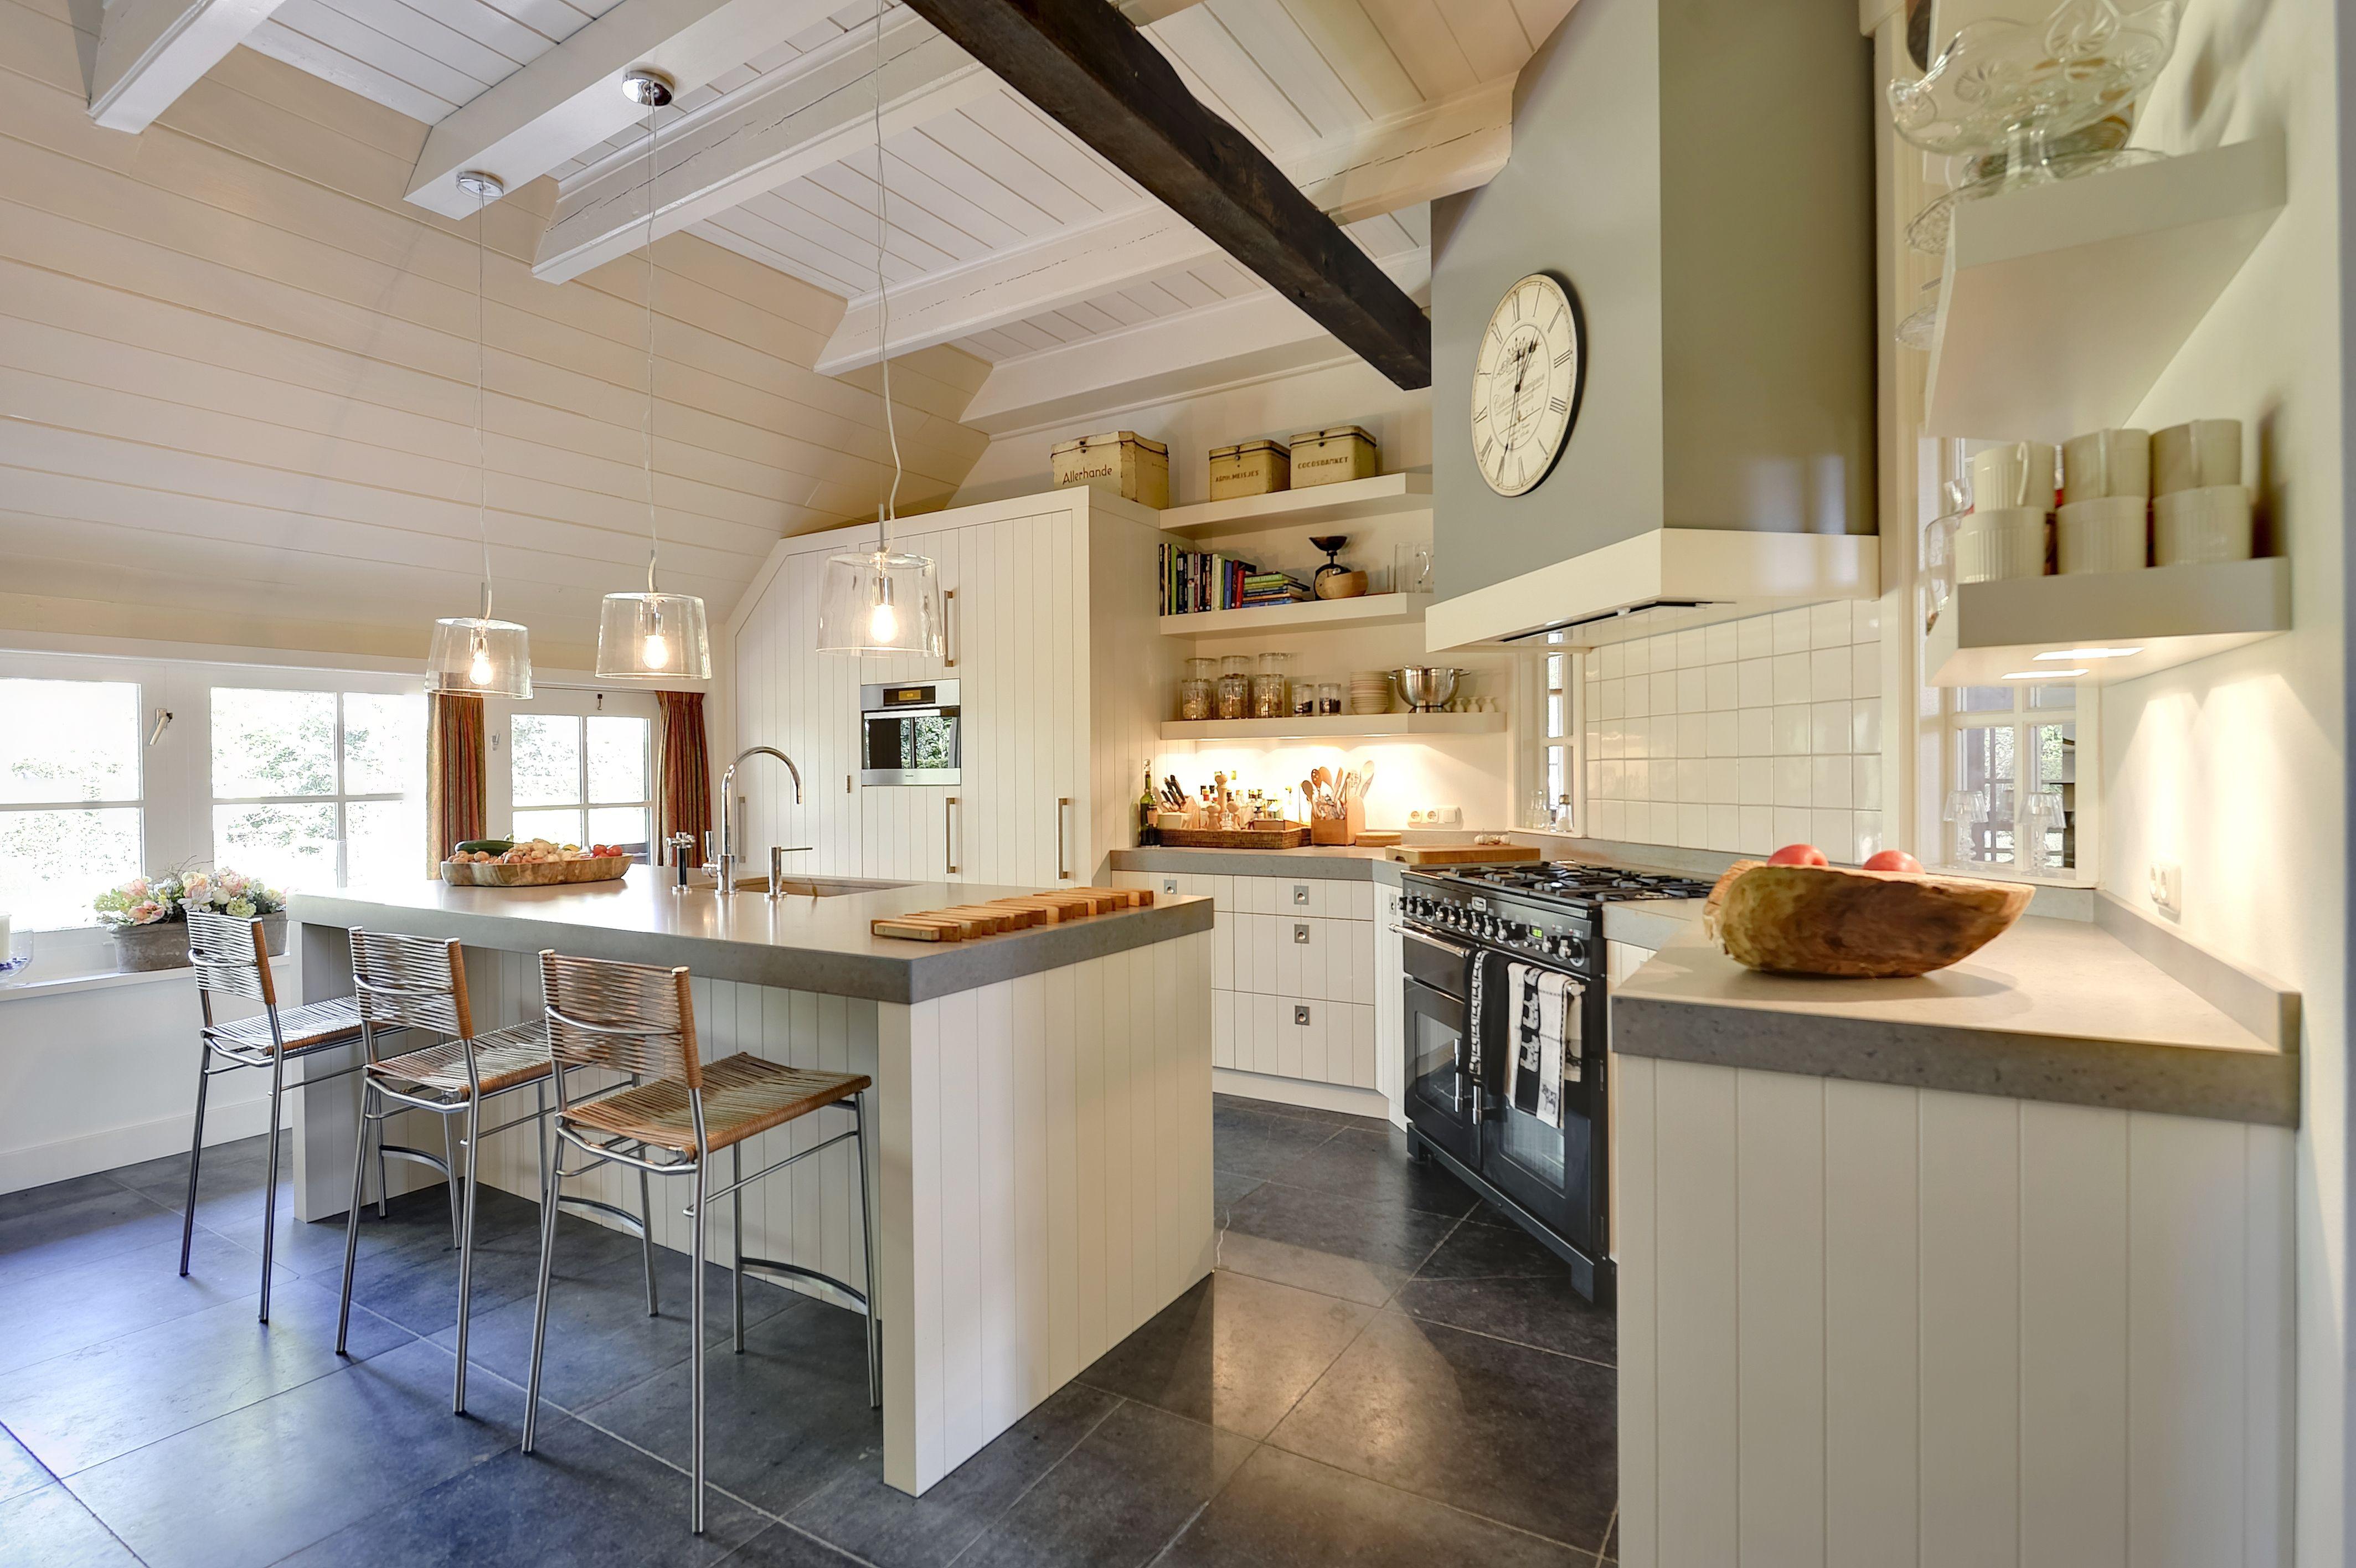 Moderne Tijdloze Keuken : Deze moderne maar ook landelijke keuken is geheel tijdloos een